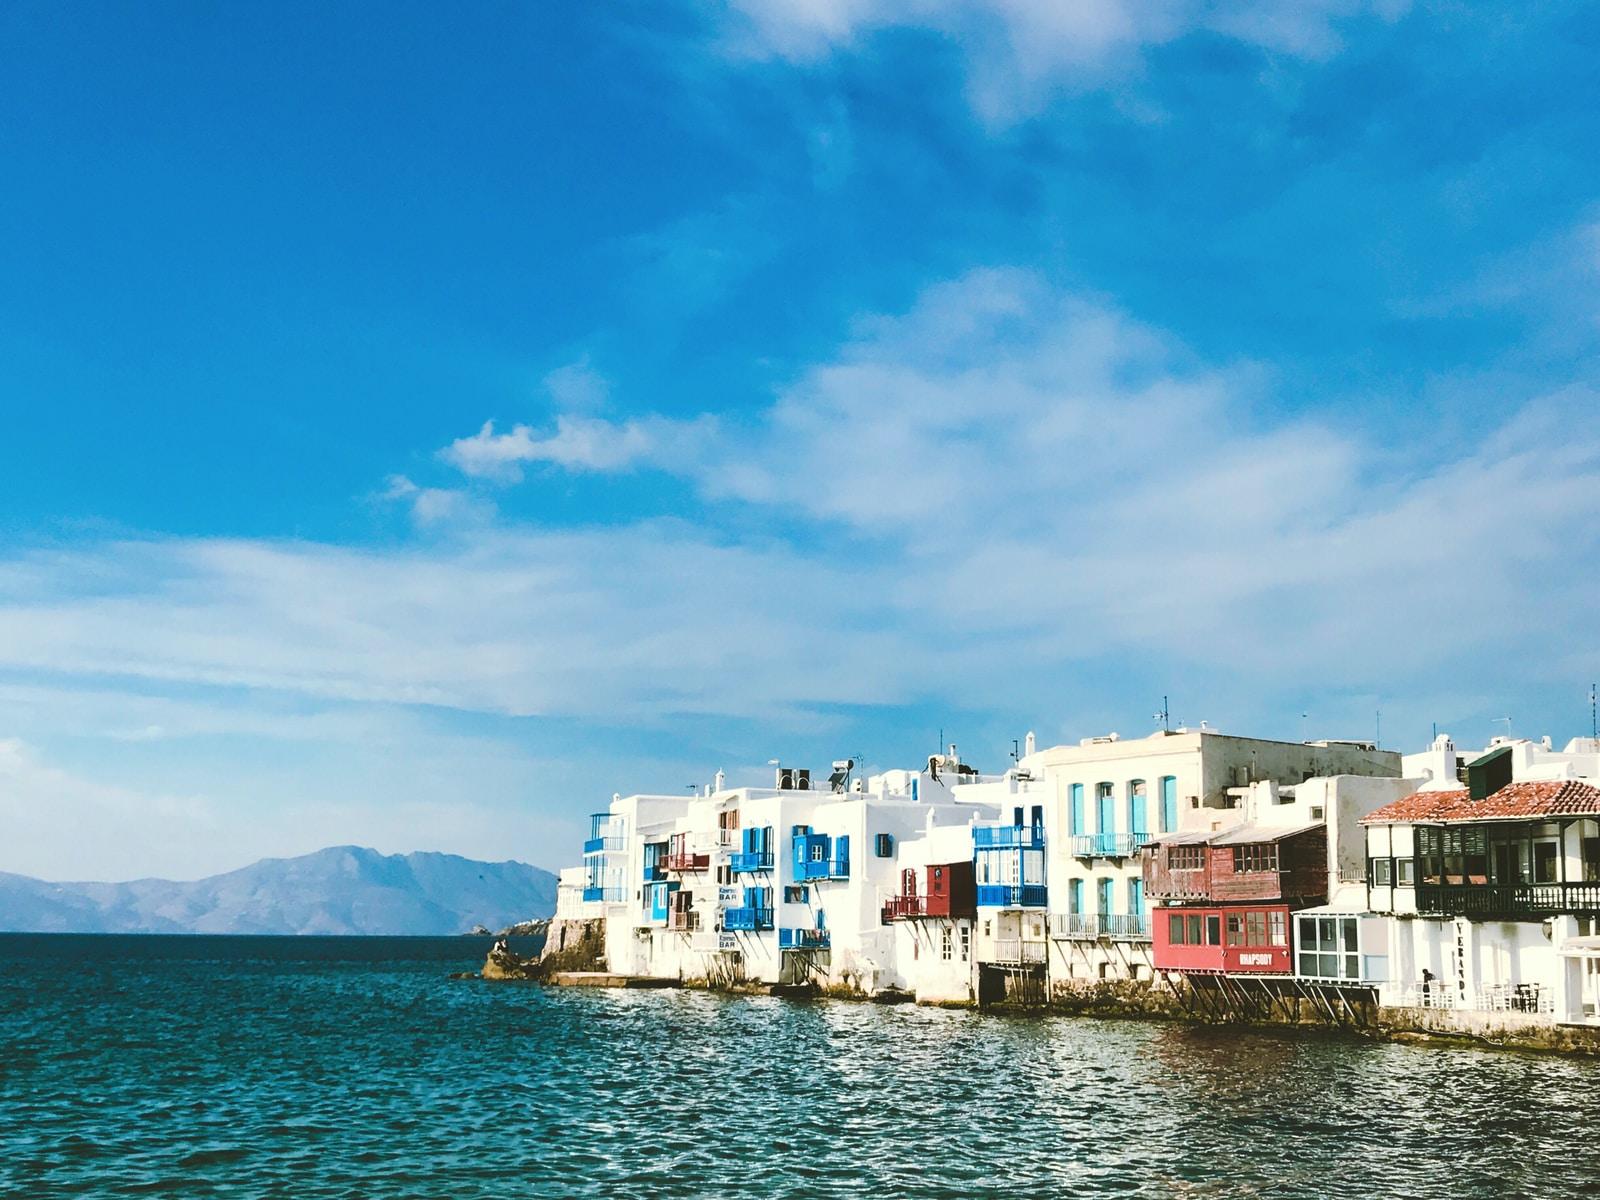 Σαββατοκύριακο με αποδράσεις στην όμορφη Μύκονο - Mykonos Weekend